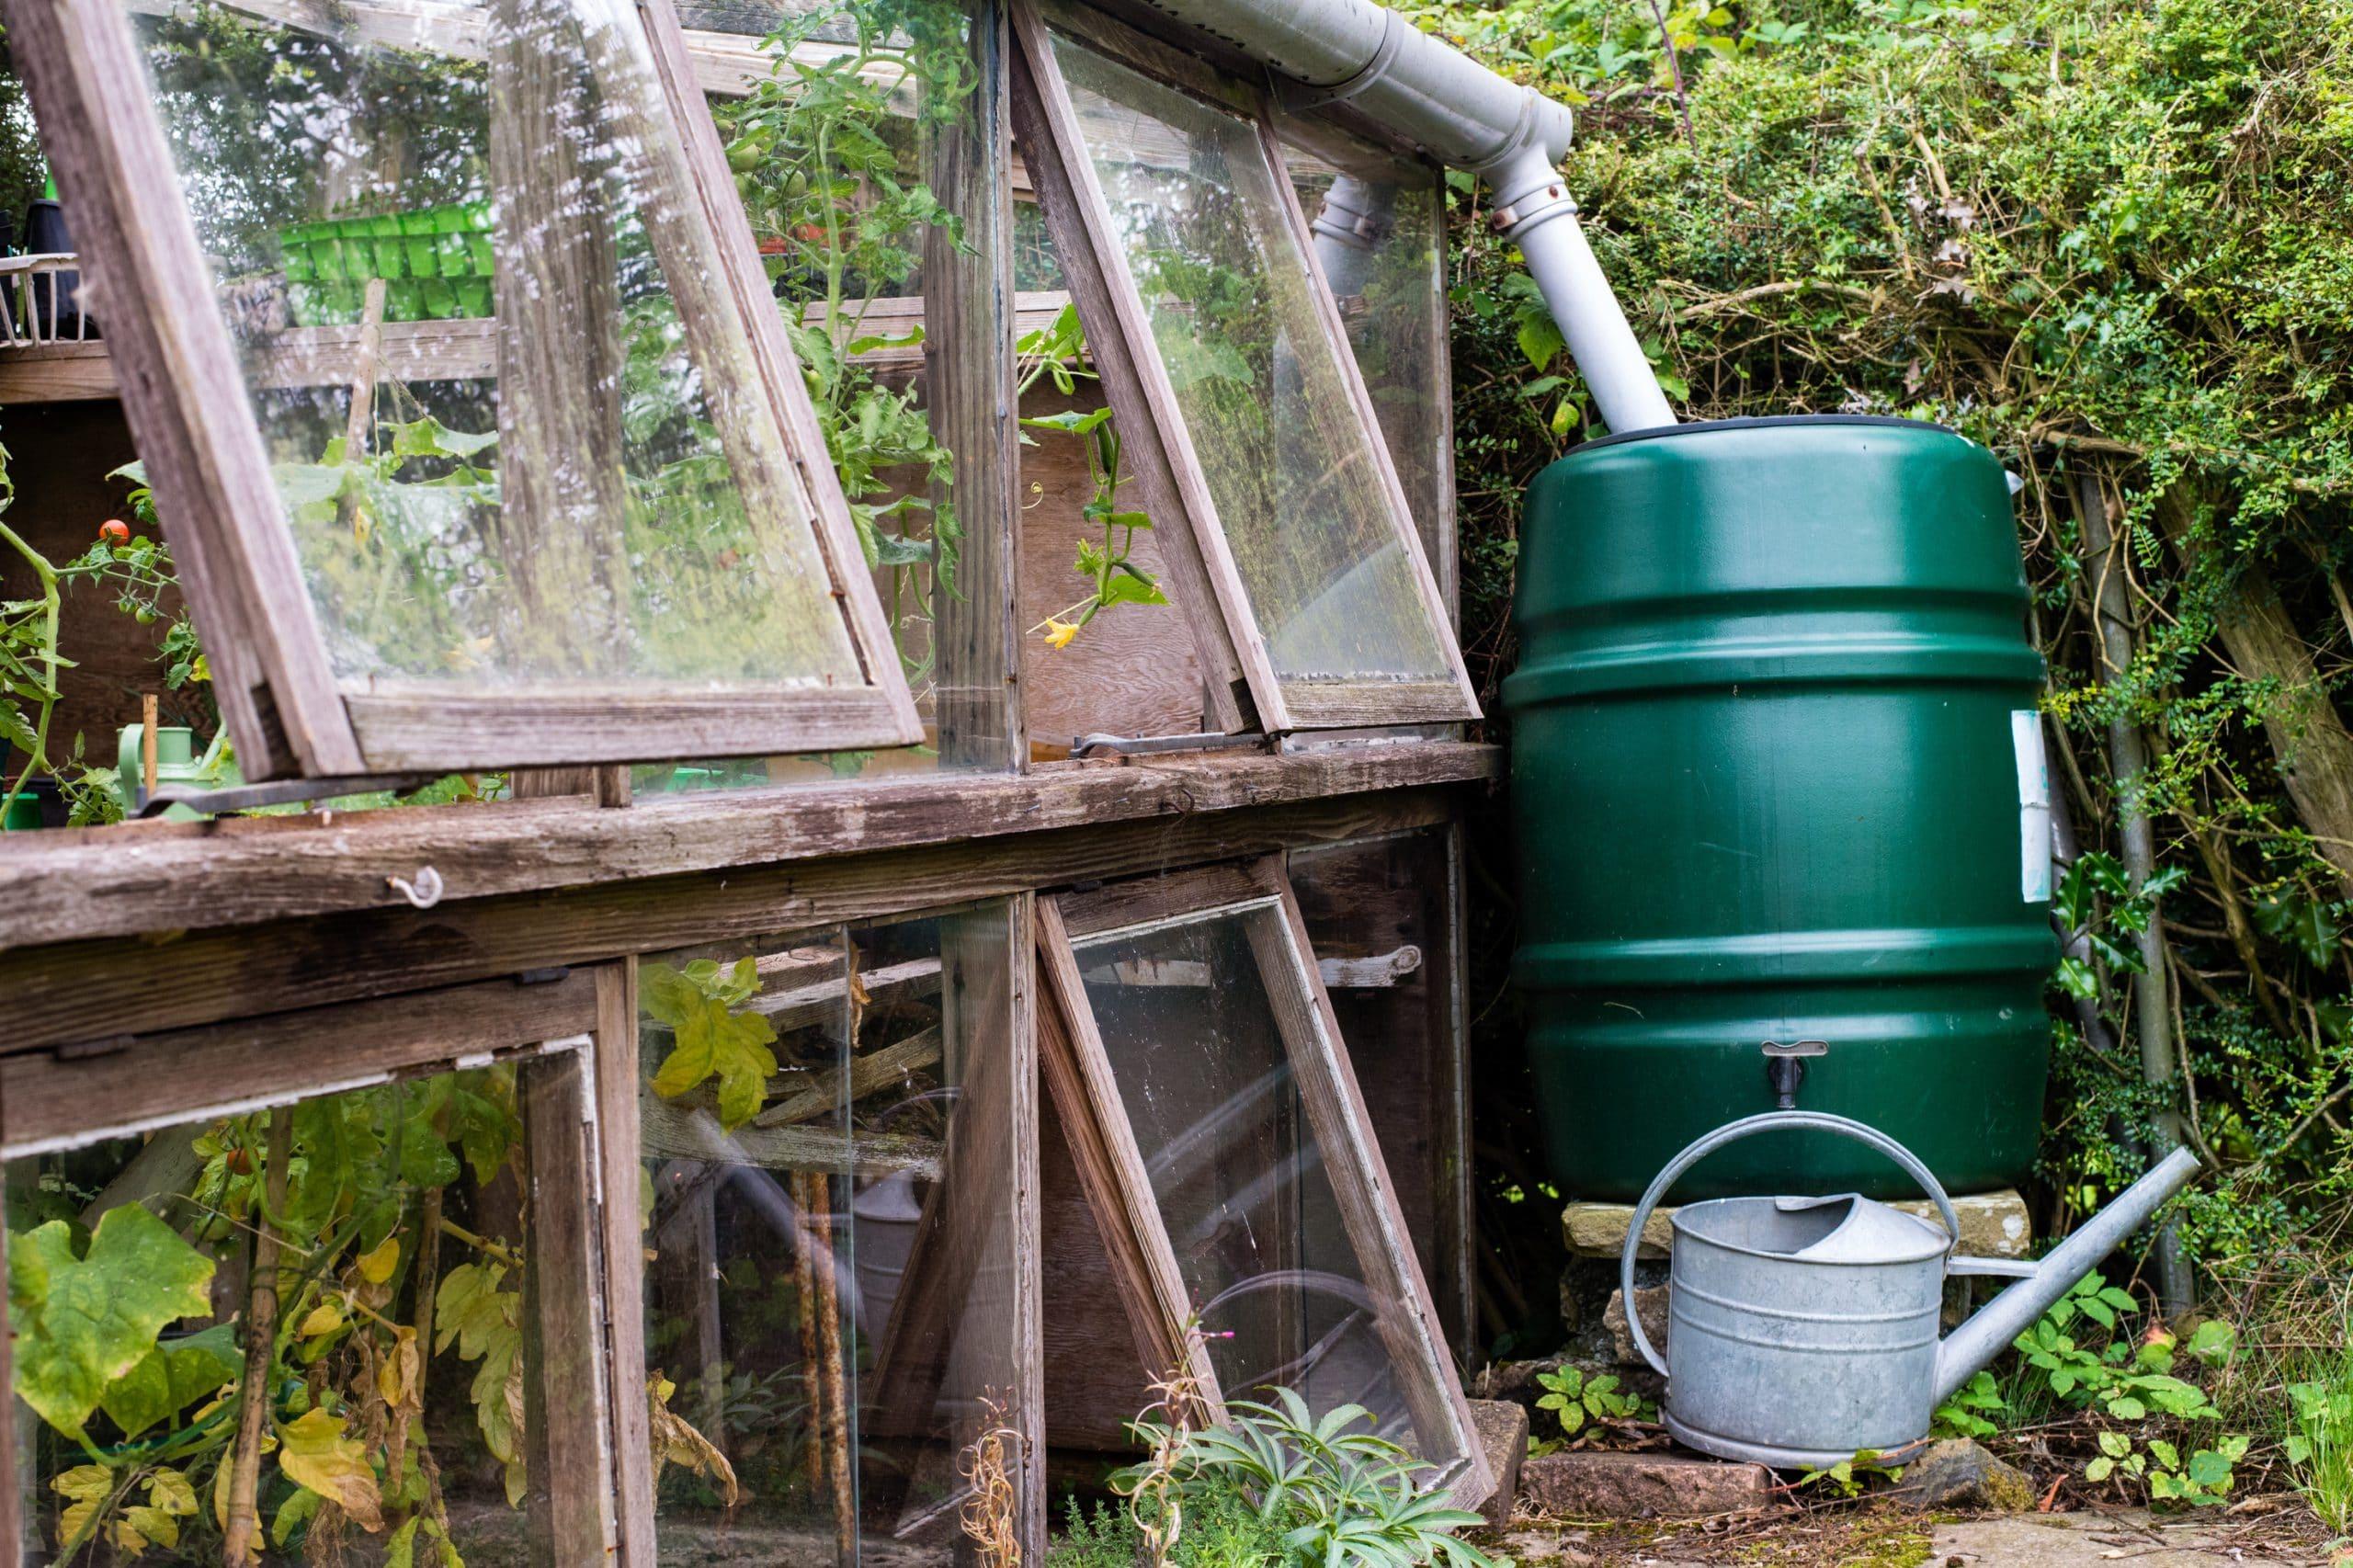 Un bac de récupération d'eau de pluie depuis une goutière